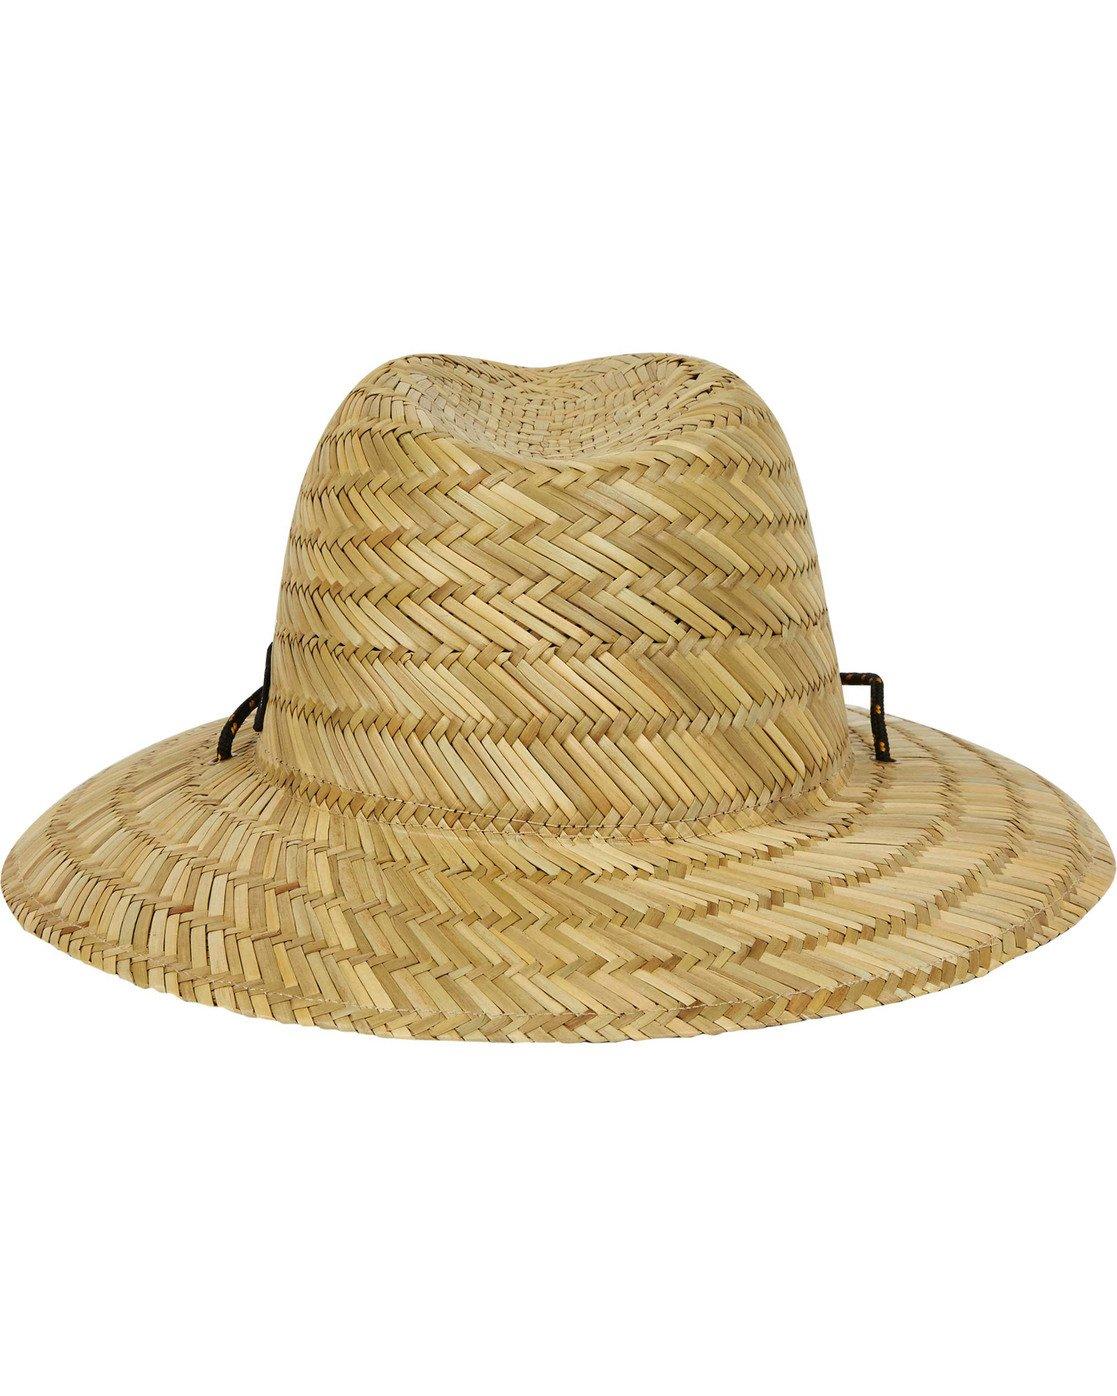 3f305b1de99 3 Nomad Hat MAHWNBNO Billabong